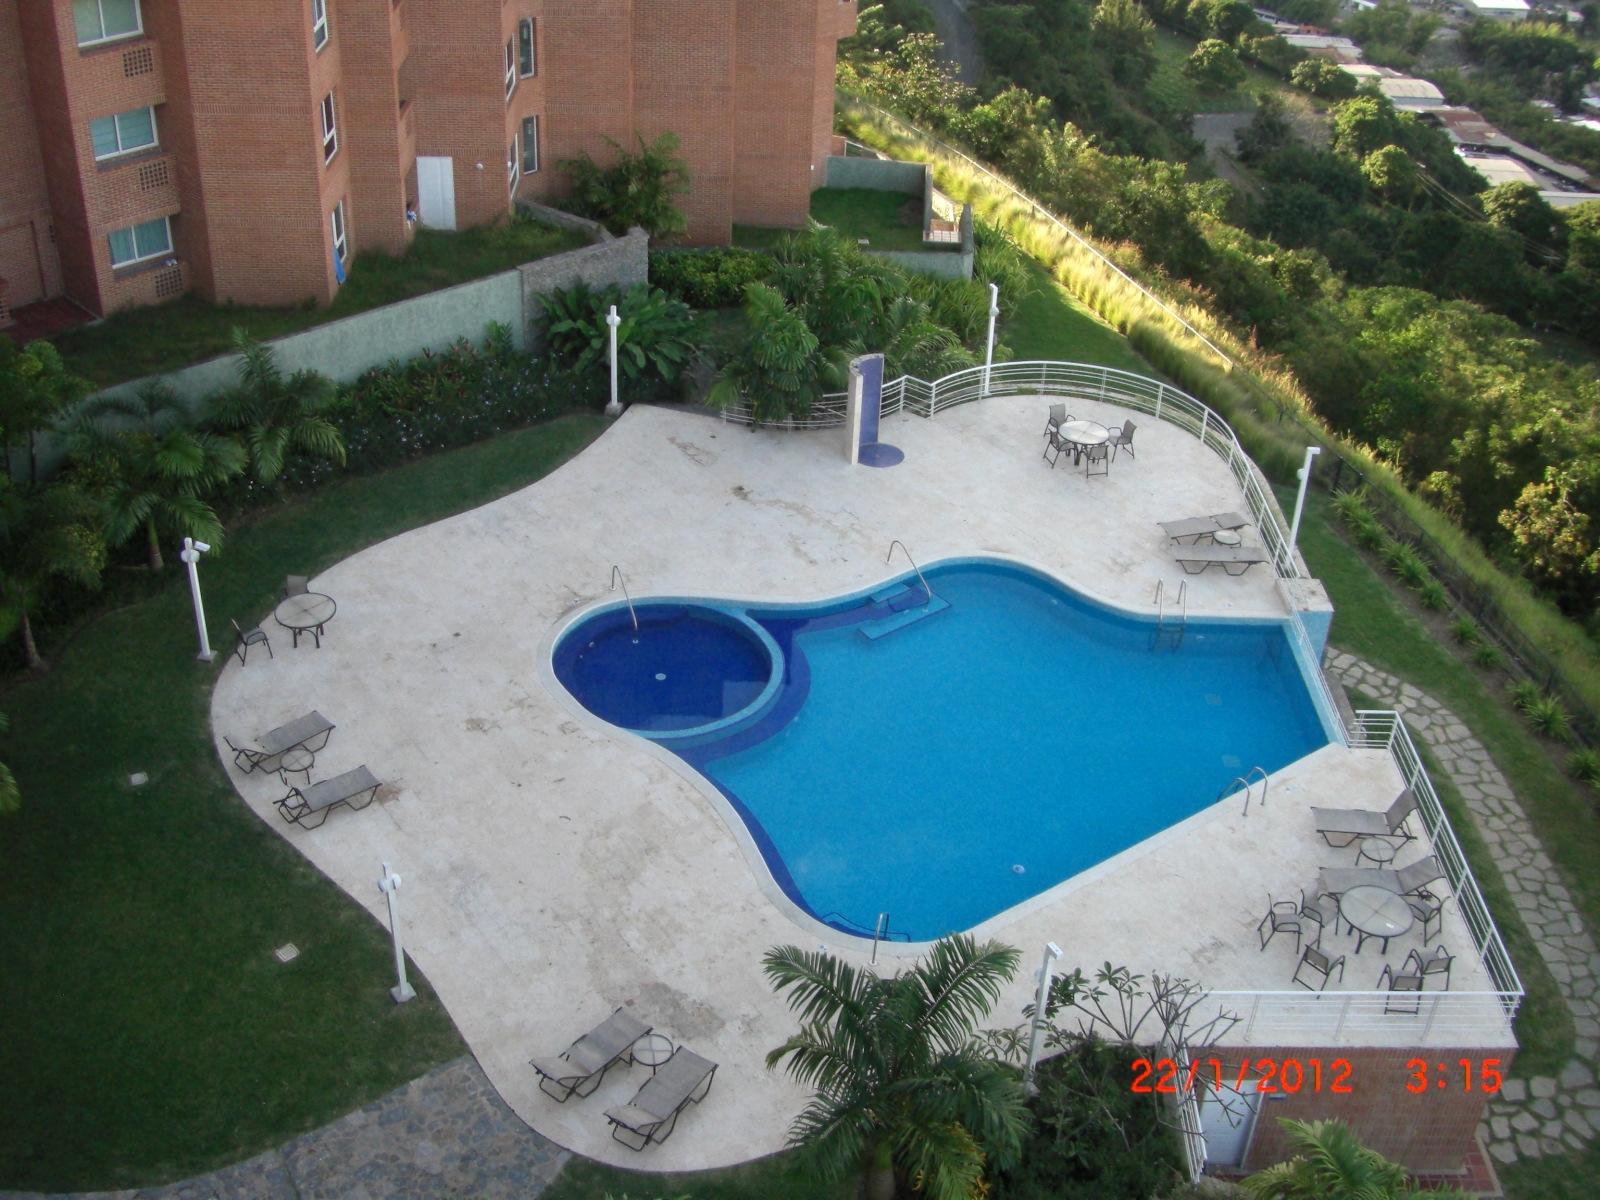 Piscina y jardines - Jardin y piscina ...